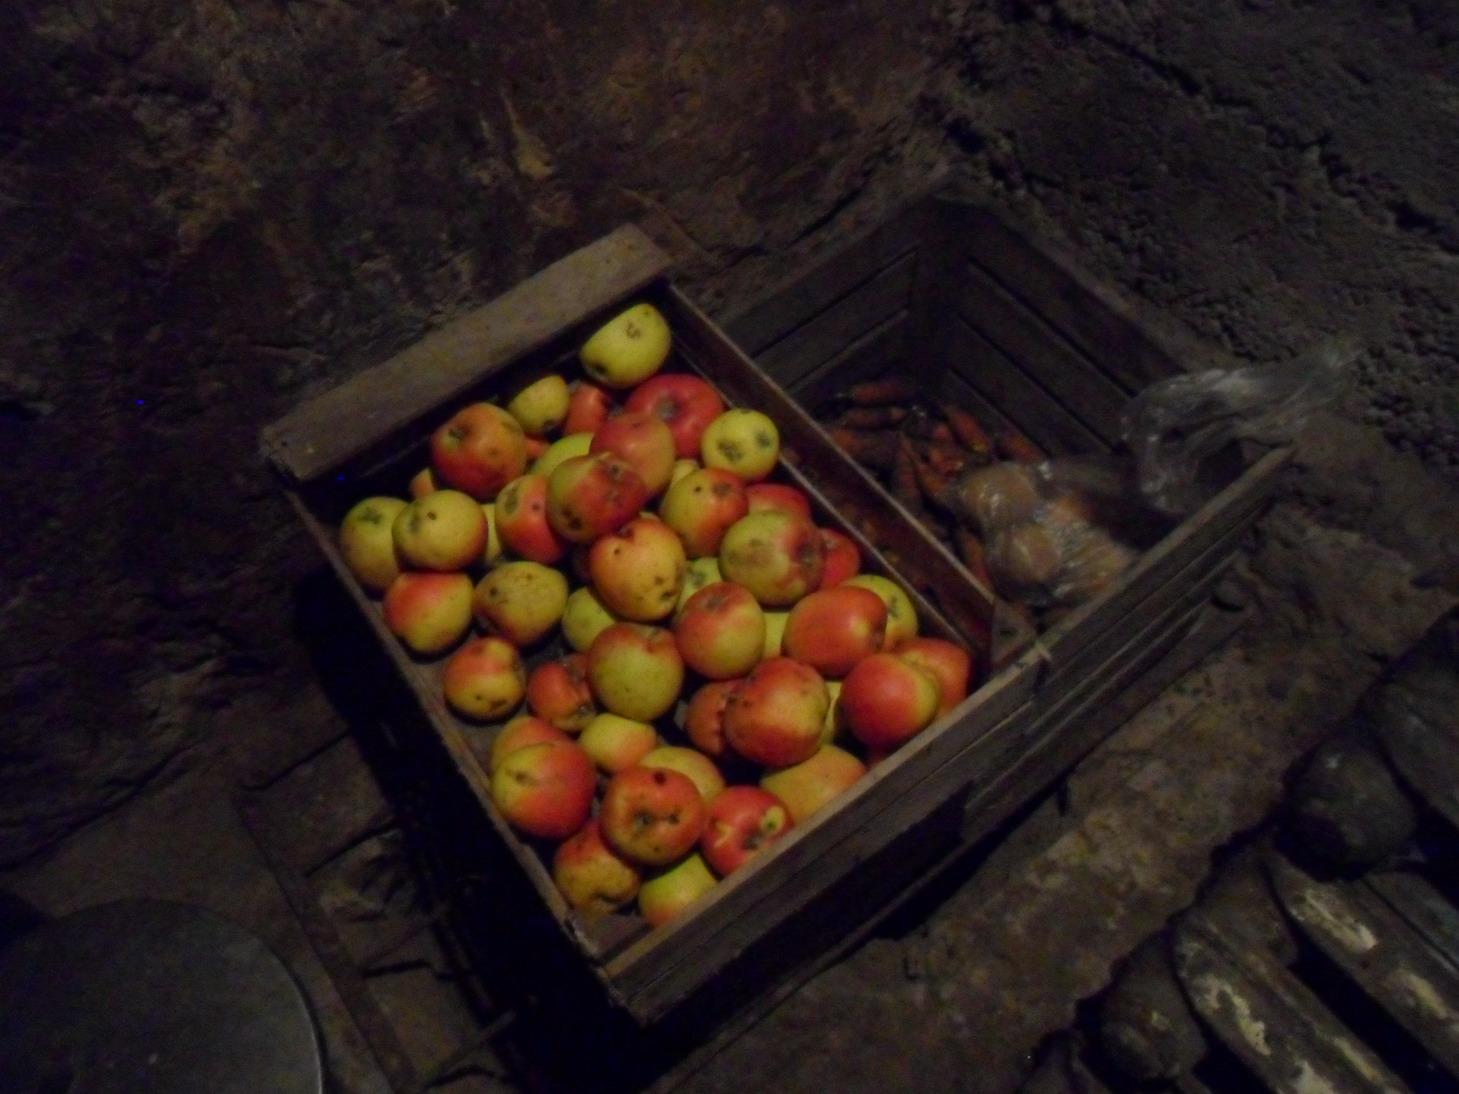 Cellar (around 4°C even in summer)